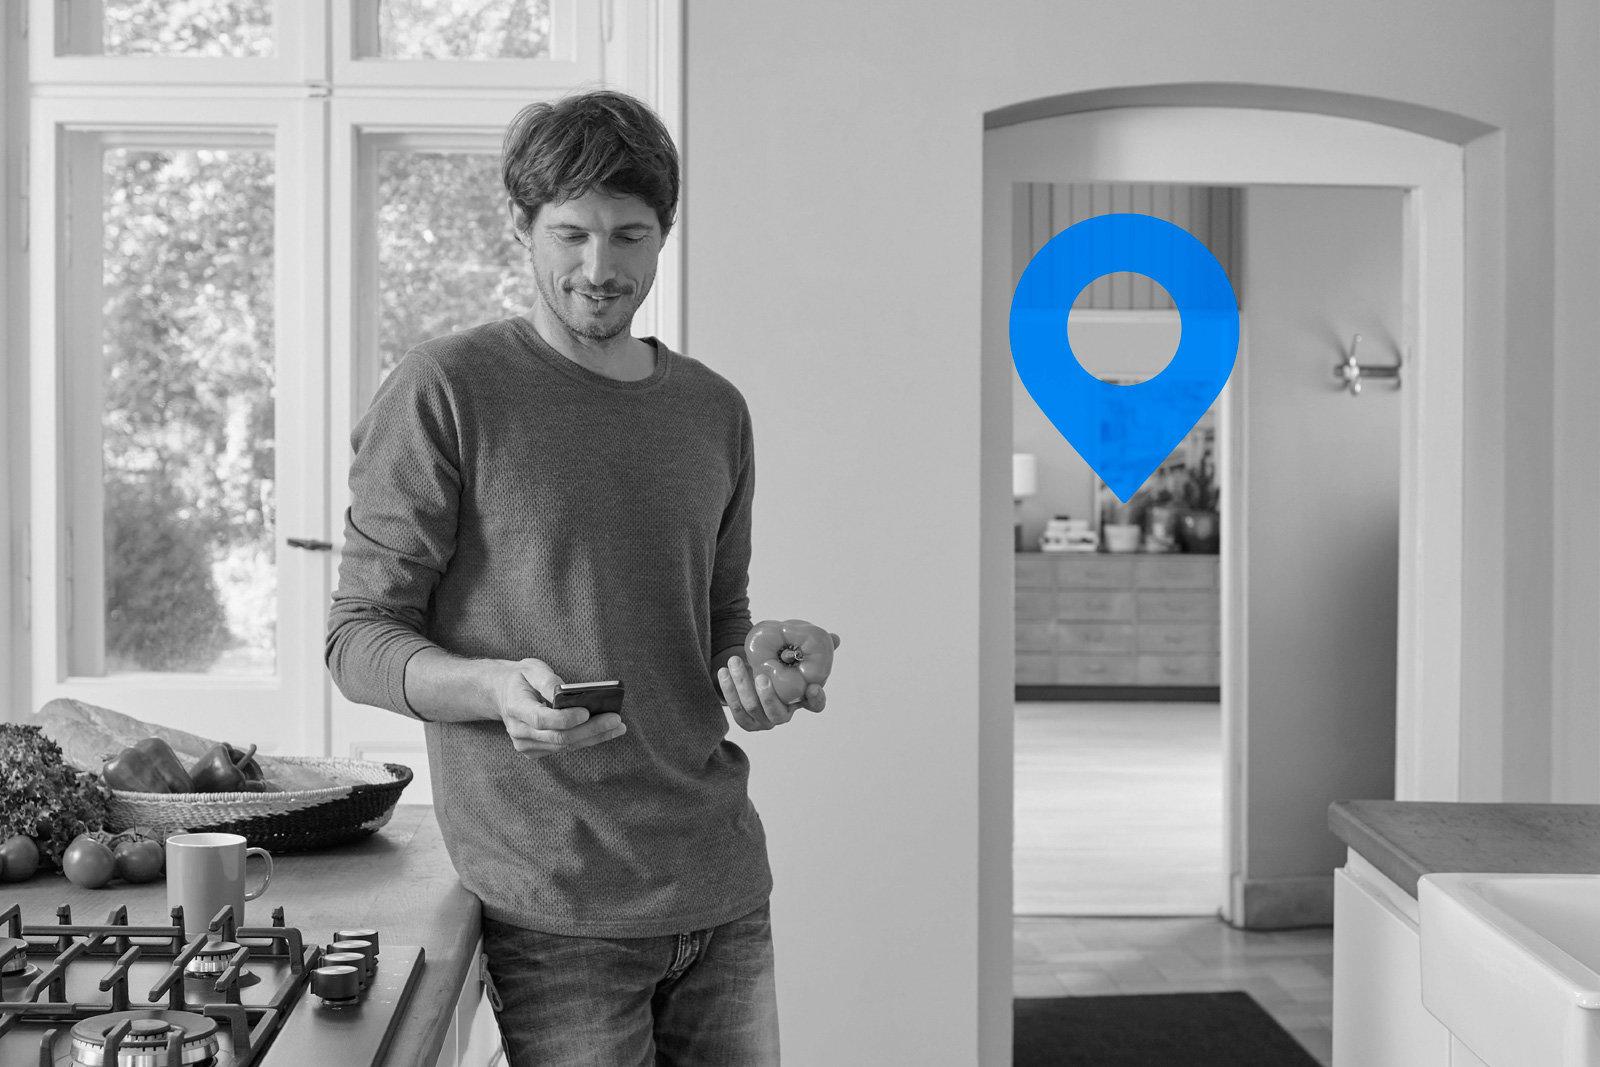 بلوتوث موقعیت دقیق کلیدهای شما را مشخص میکند